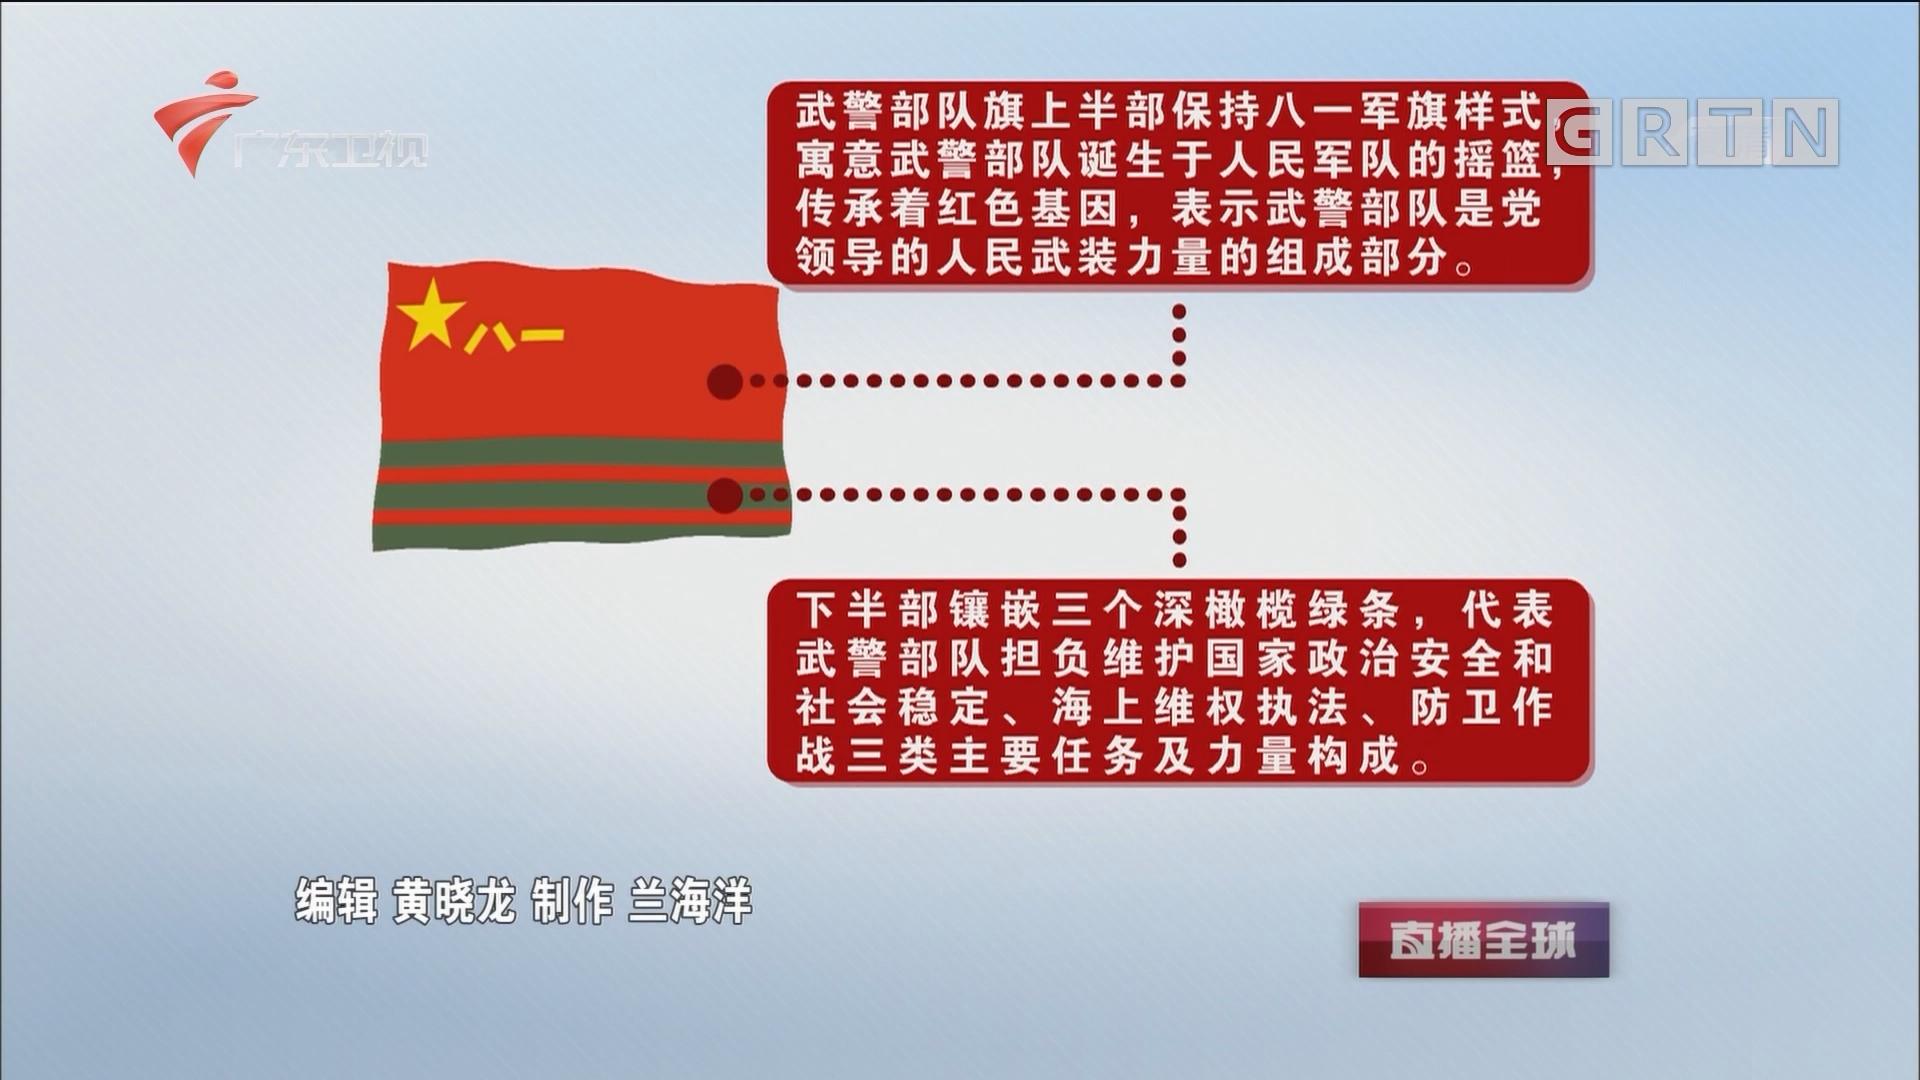 国防部发言人解答武警部队旗寓意:诞生于人民军队的摇篮 肩负三类使命